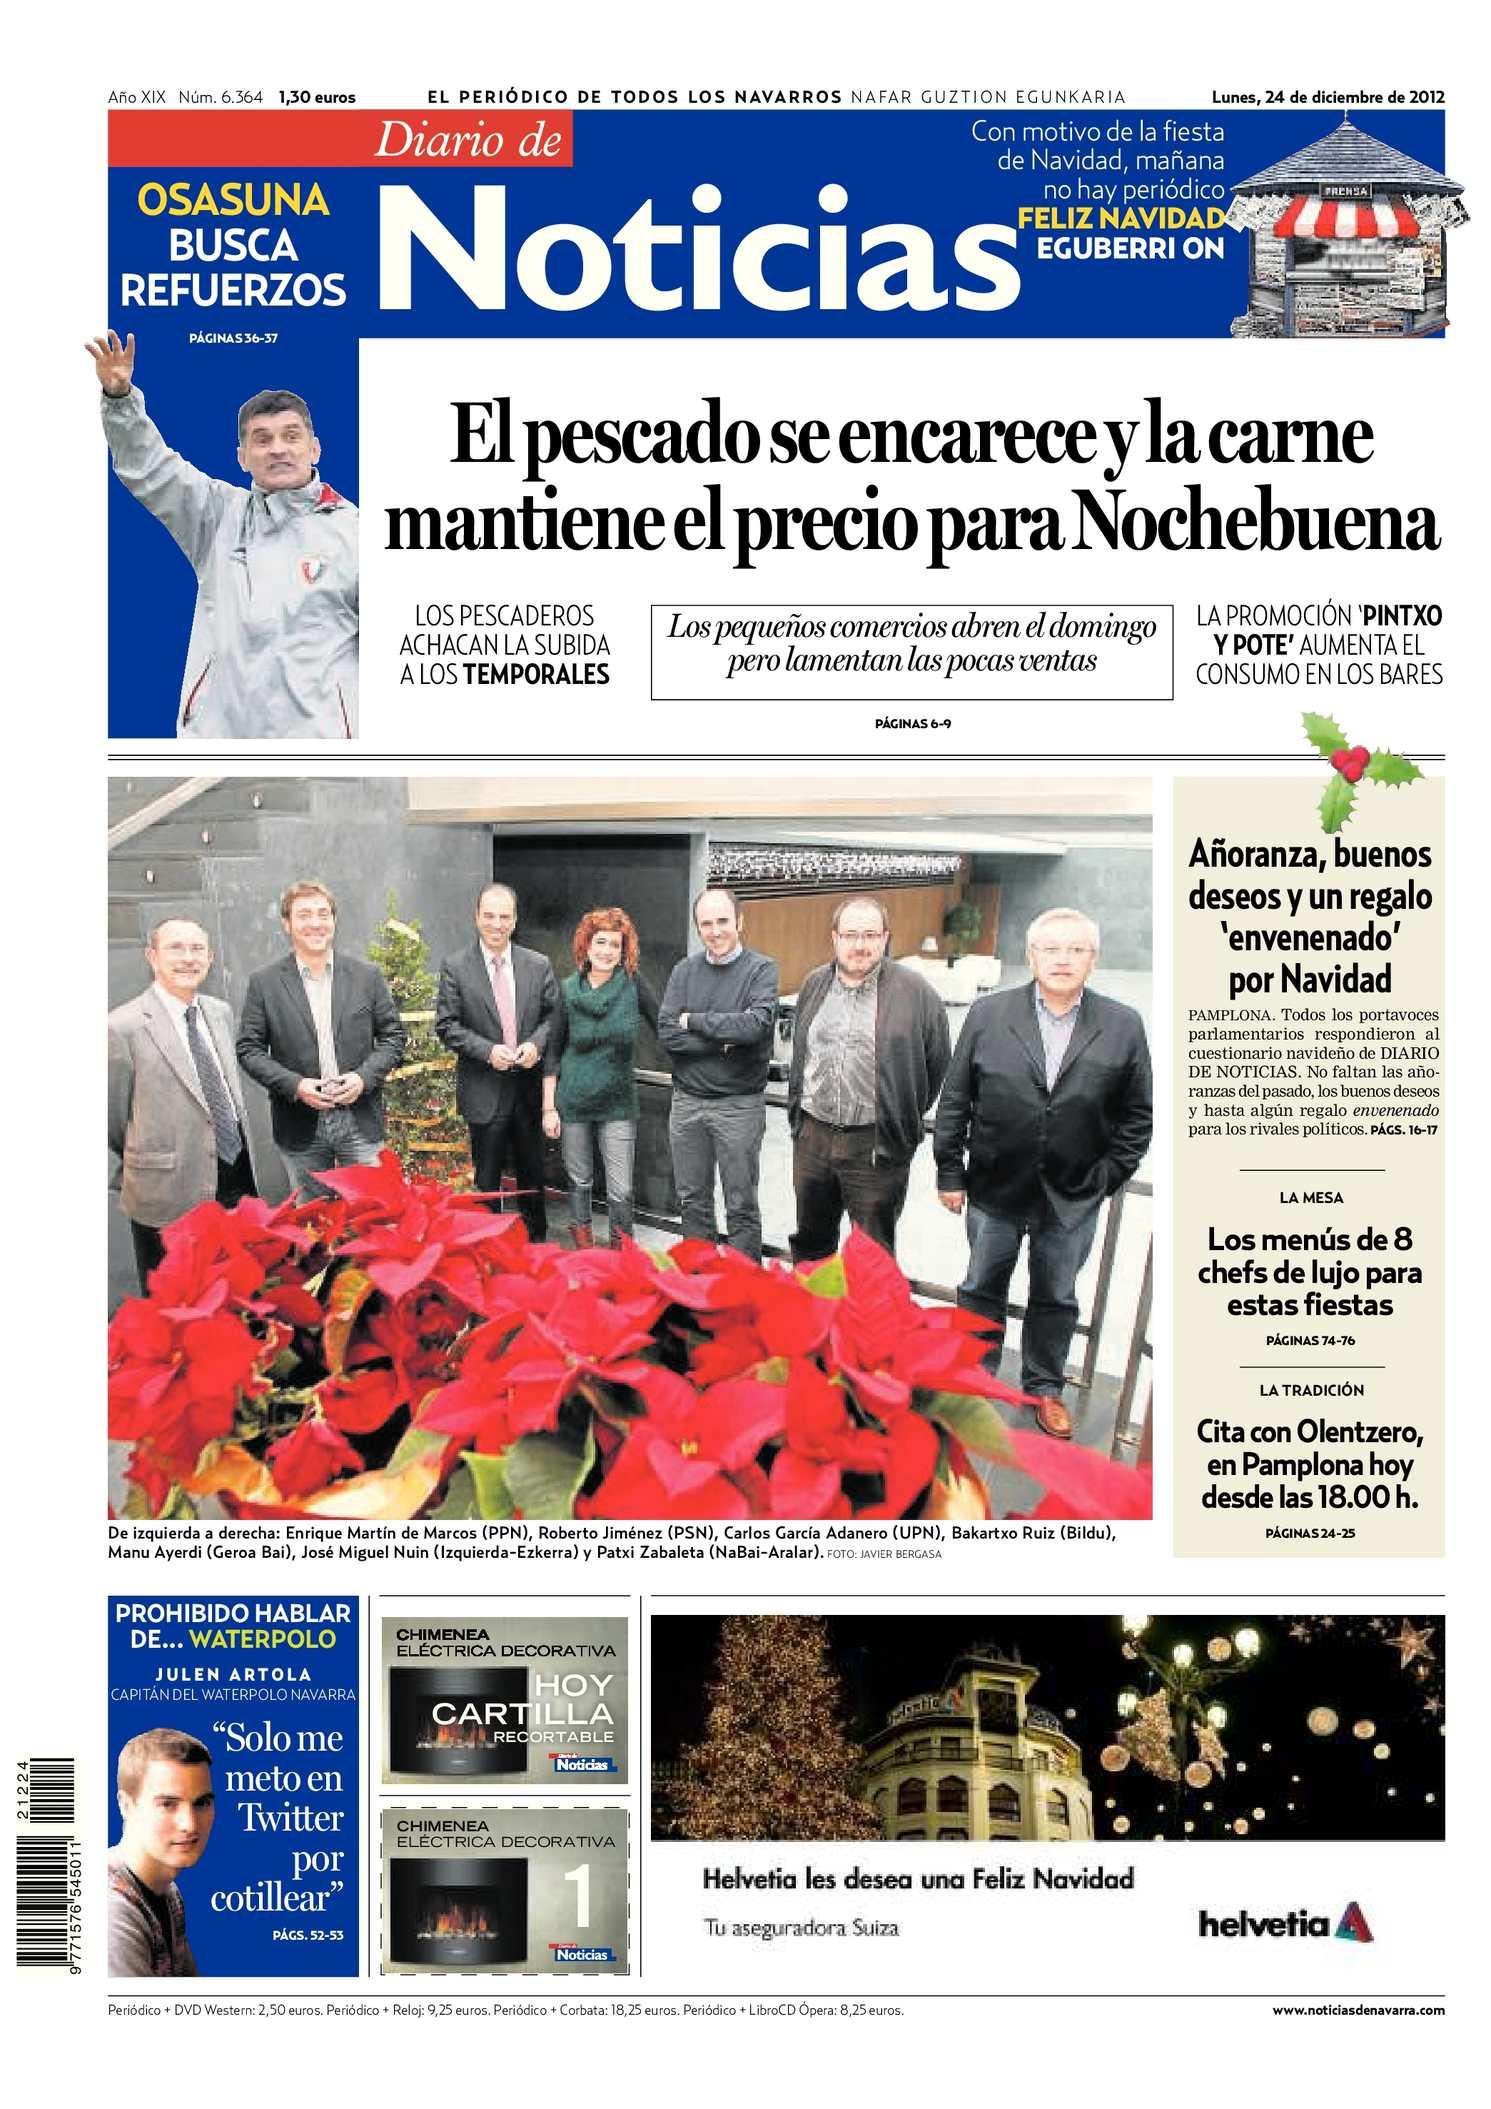 Calaméo - Diario de Noticias 20121224 9d9b29c6d0b69